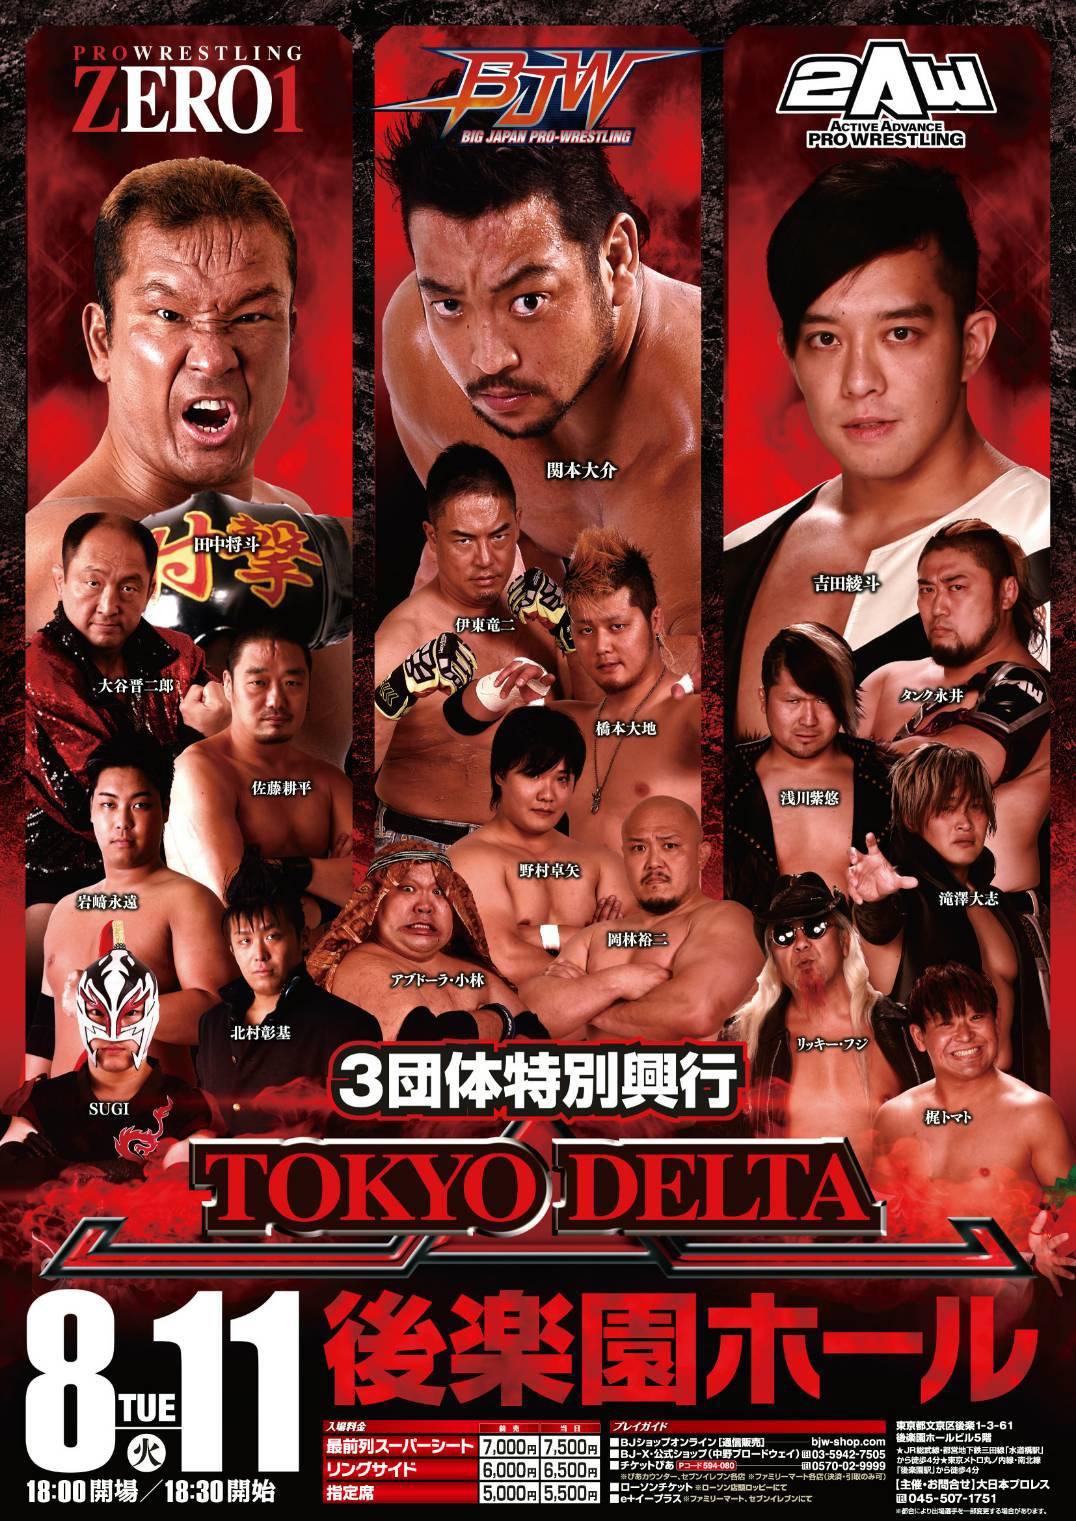 ※新型コロナウィルス対策座席表でのご案内となります。「大日本×ZERO1×2AW3団体特別興行~TOKYO DELTA」東京・後楽園ホール大会